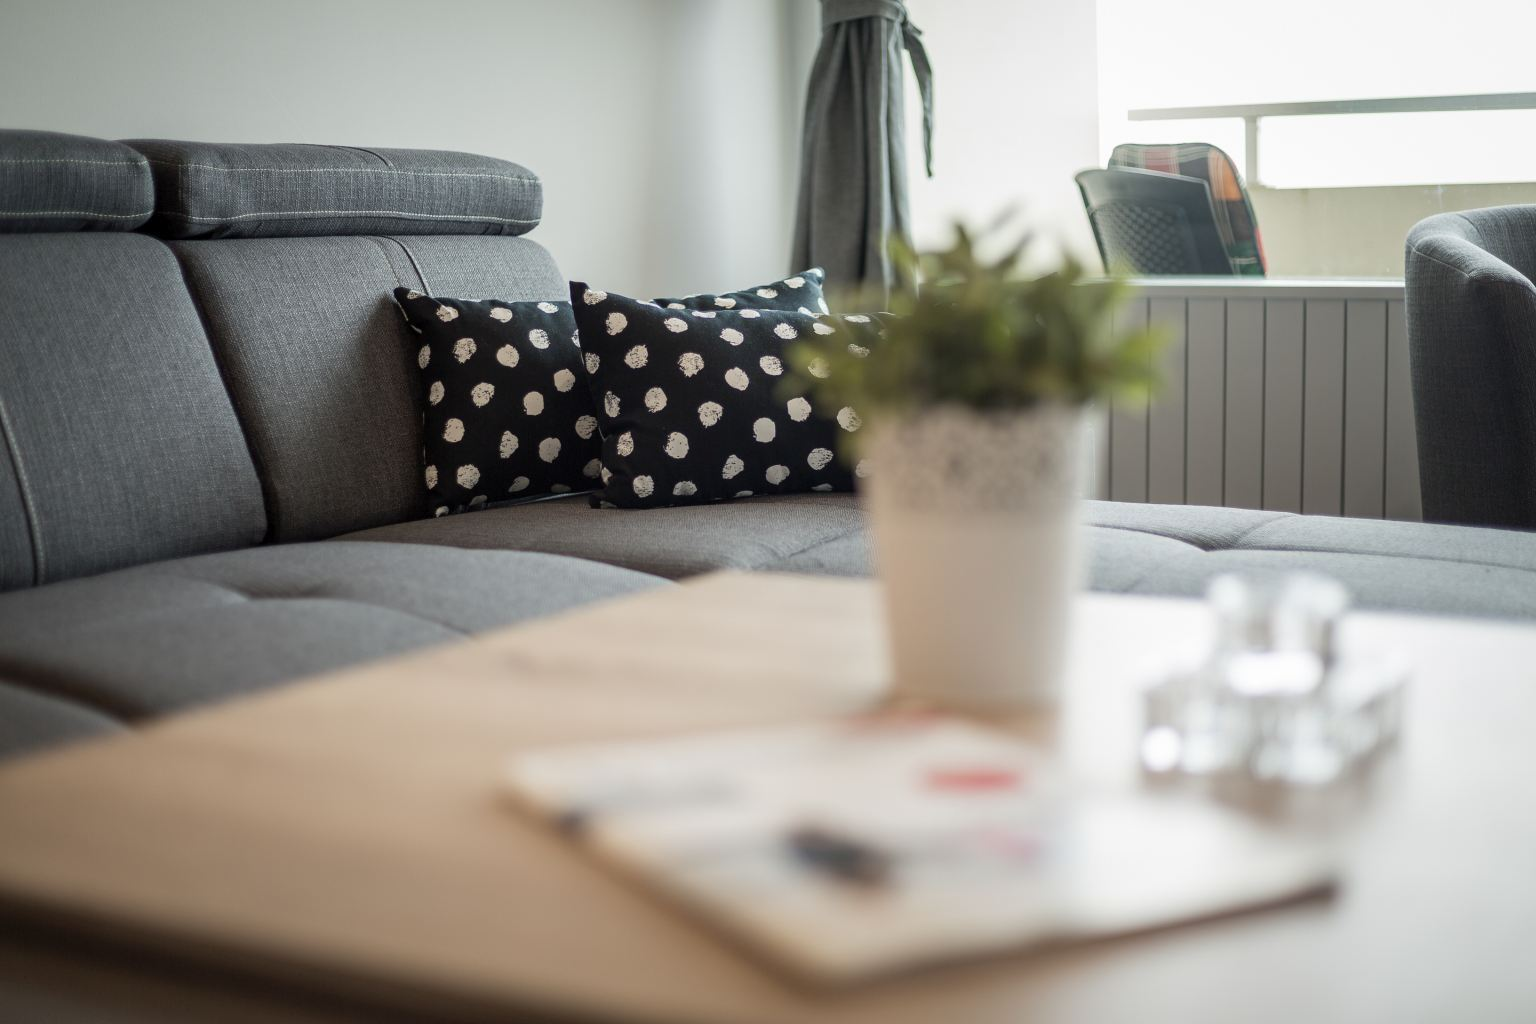 Wohnzimmerdetail - Haus Atlantic, Wohnung 93, 3-Zimmer-Ferienwohnung für bis zu 4 Personen, Alter Badweg 11-15, St. Peter-Bad